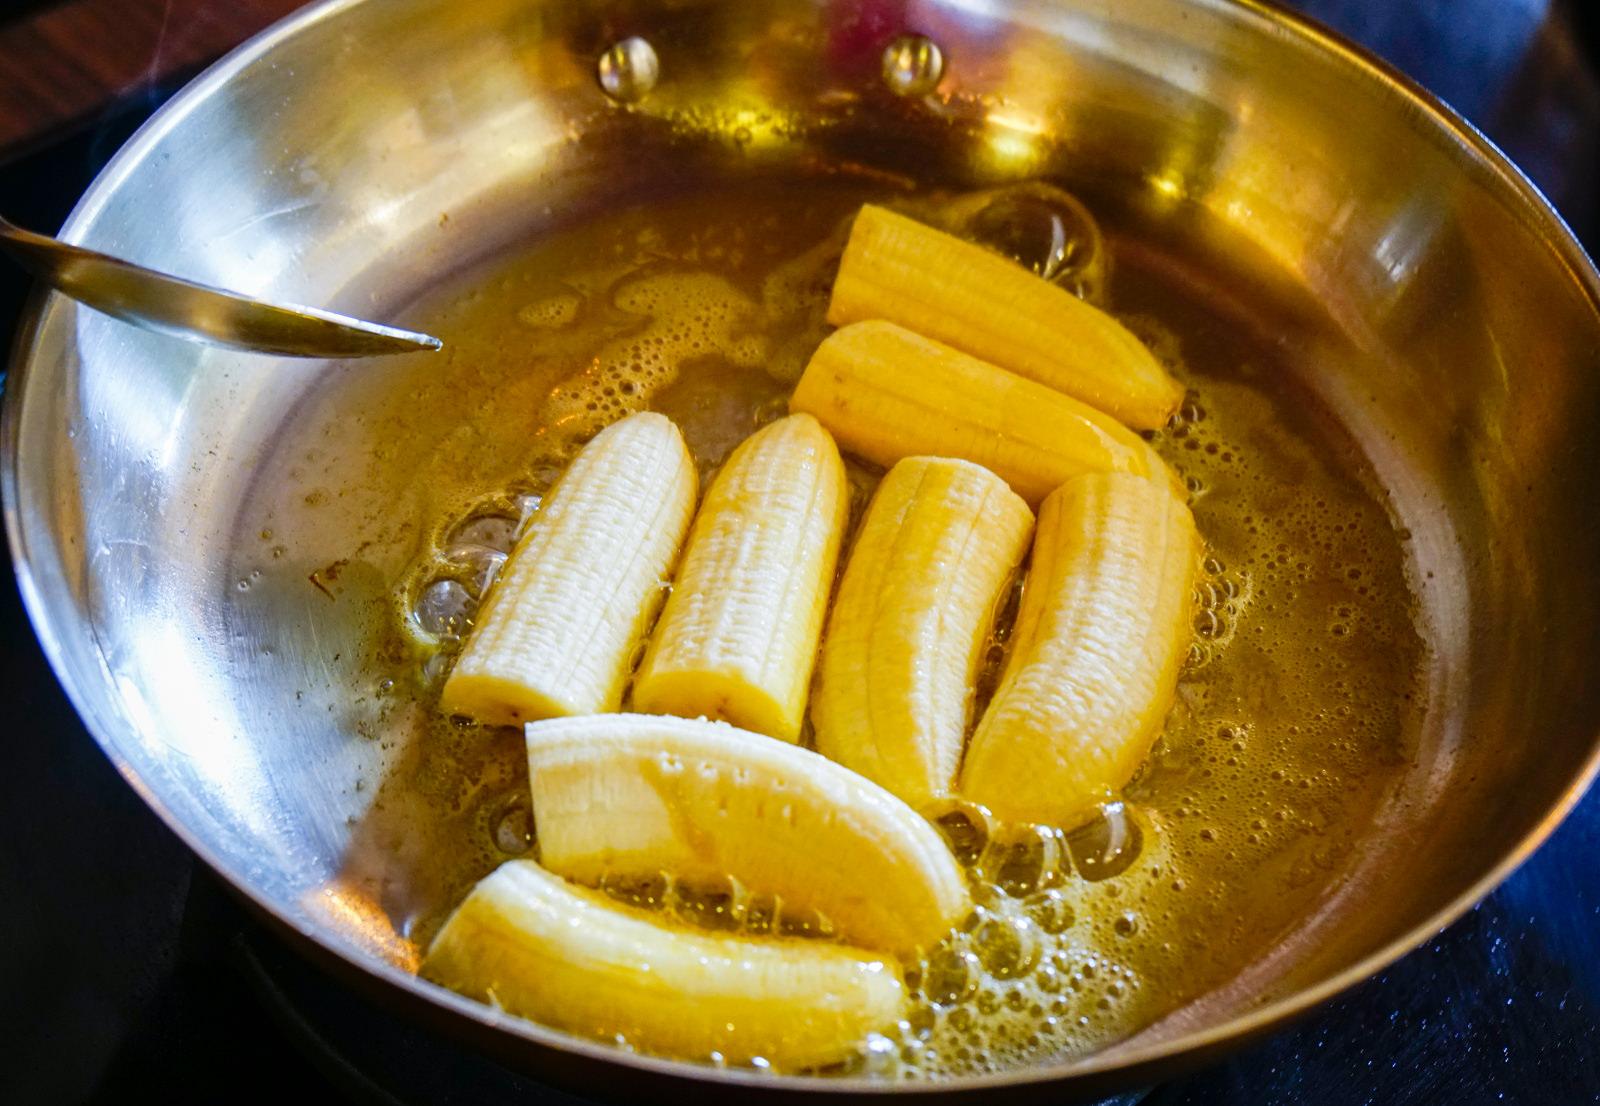 [高雄]Flambe法式桌邊烹調甜點-桌邊火焰法式甜點! 華麗的視覺與味覺饗宴 高雄下午茶推薦 @美食好芃友